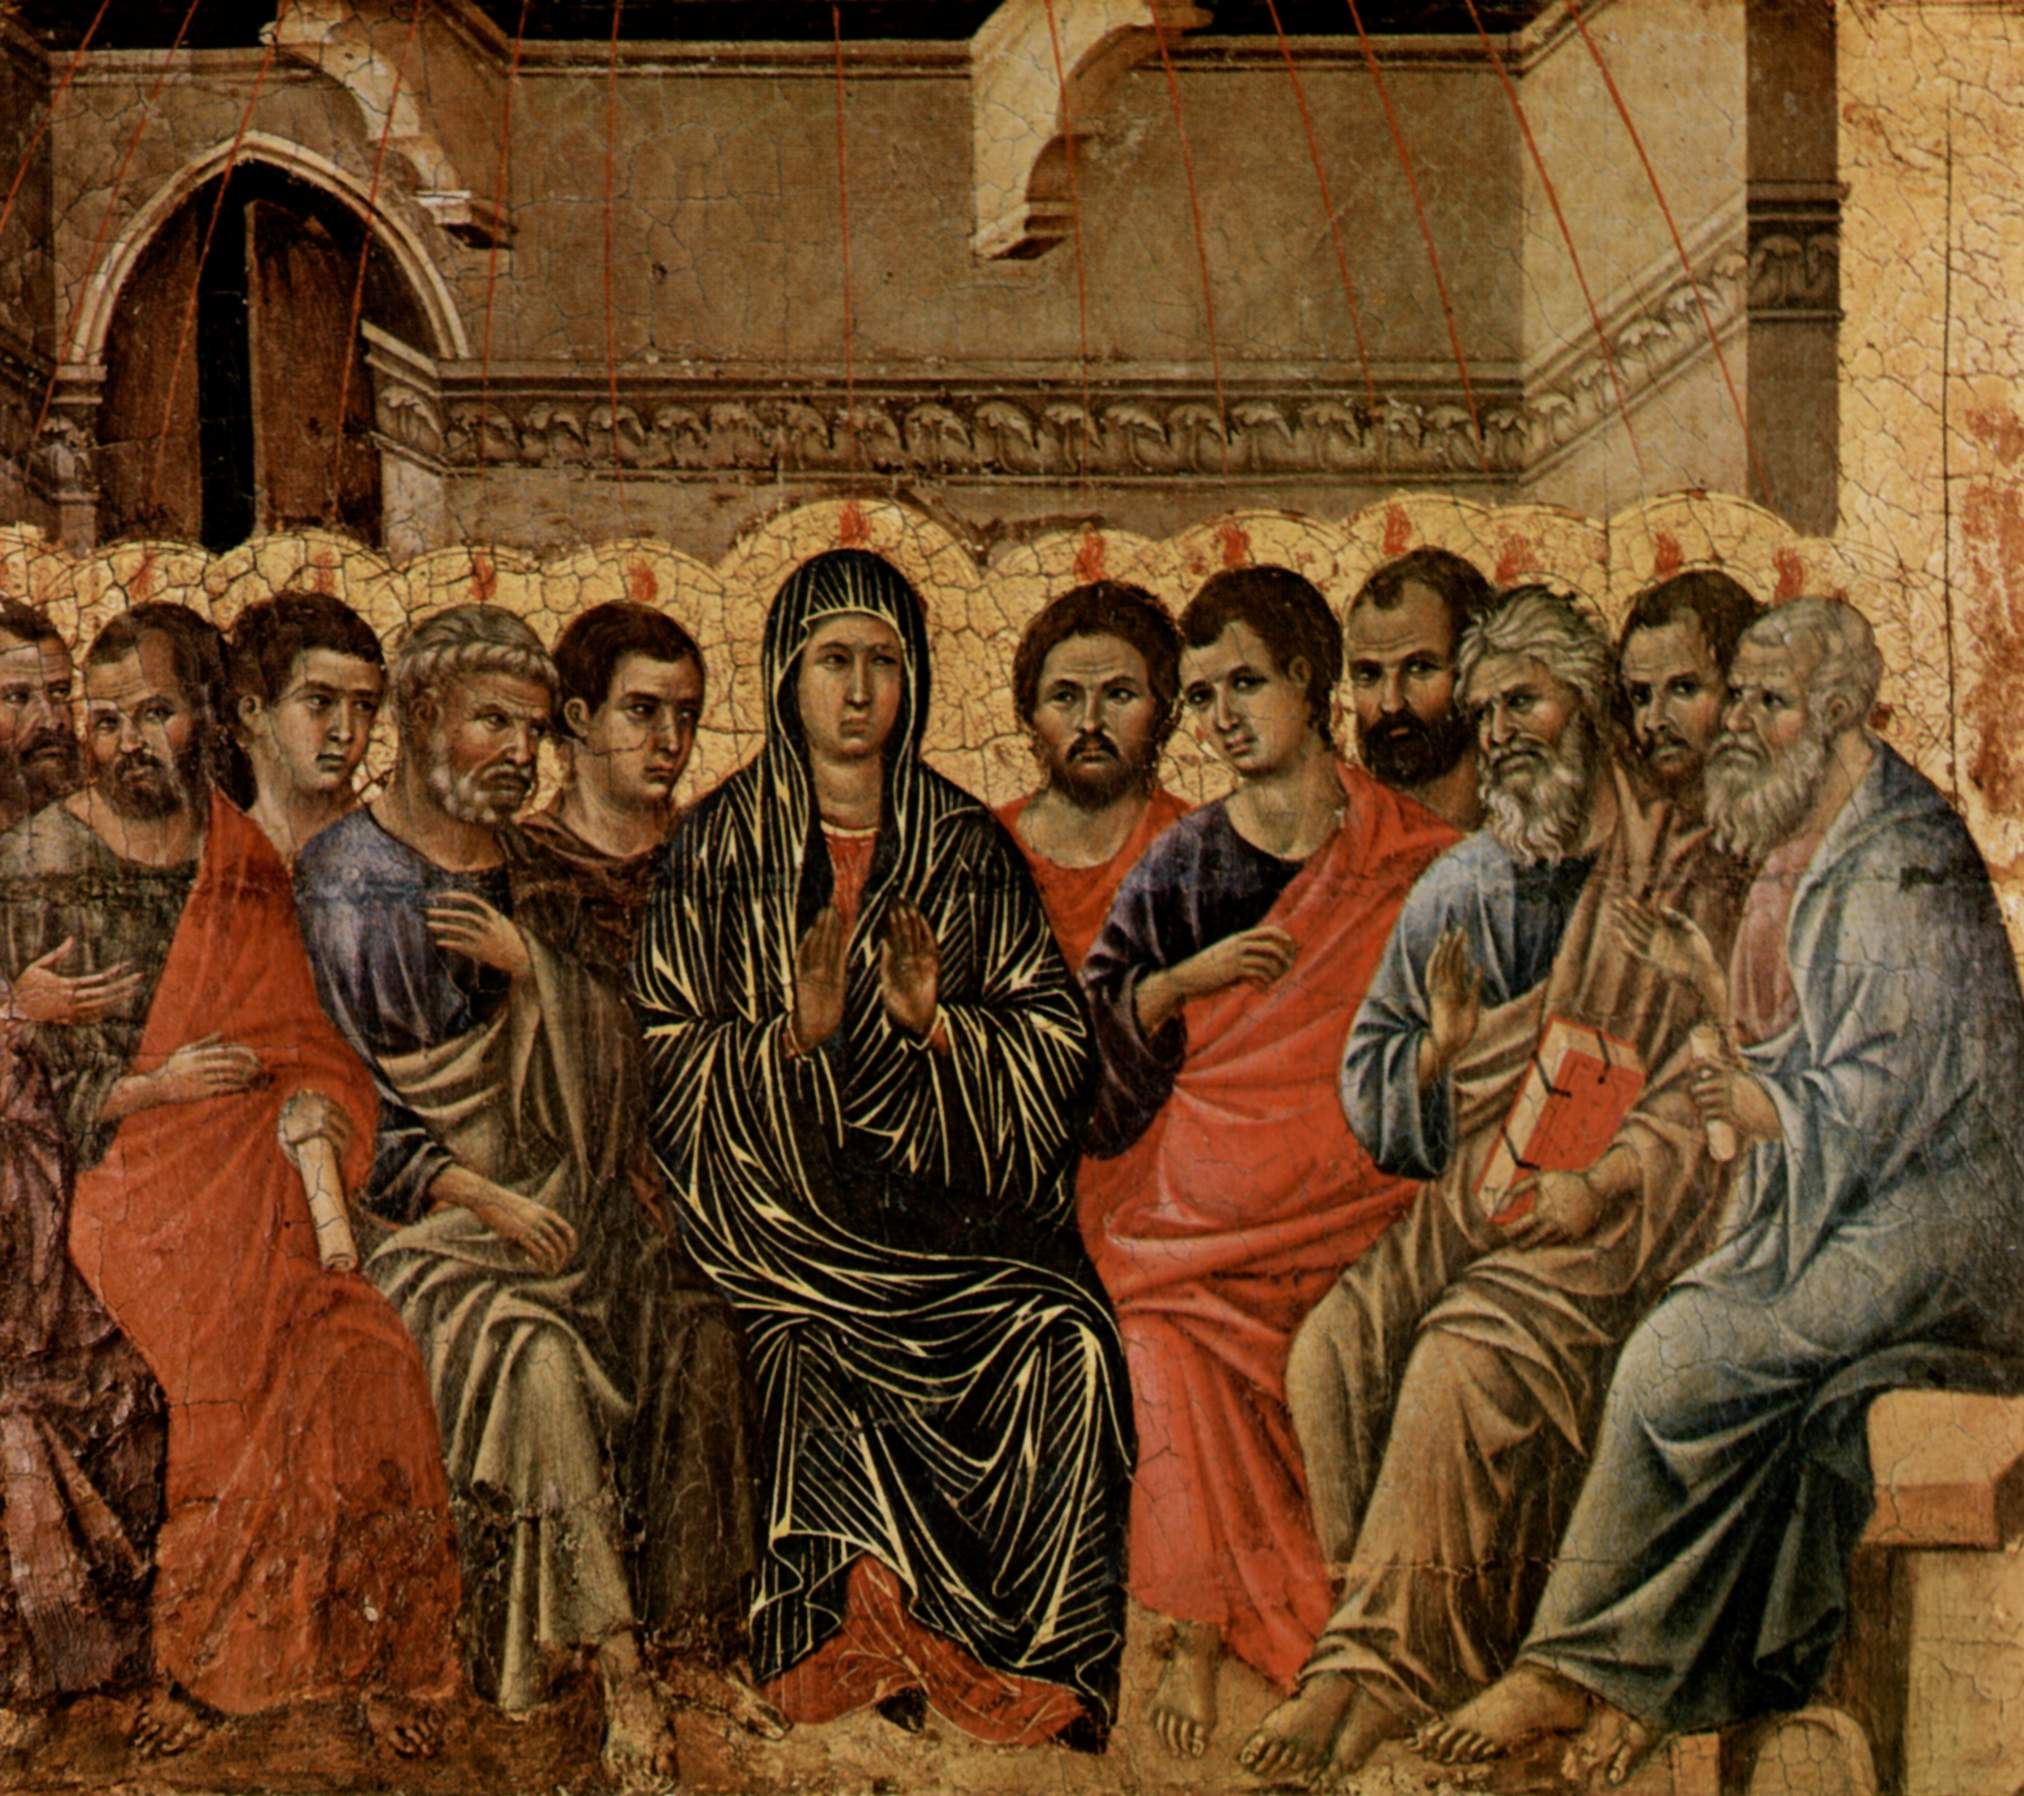 Pentecost by Duccio di Buoninsegna (1260-1318)